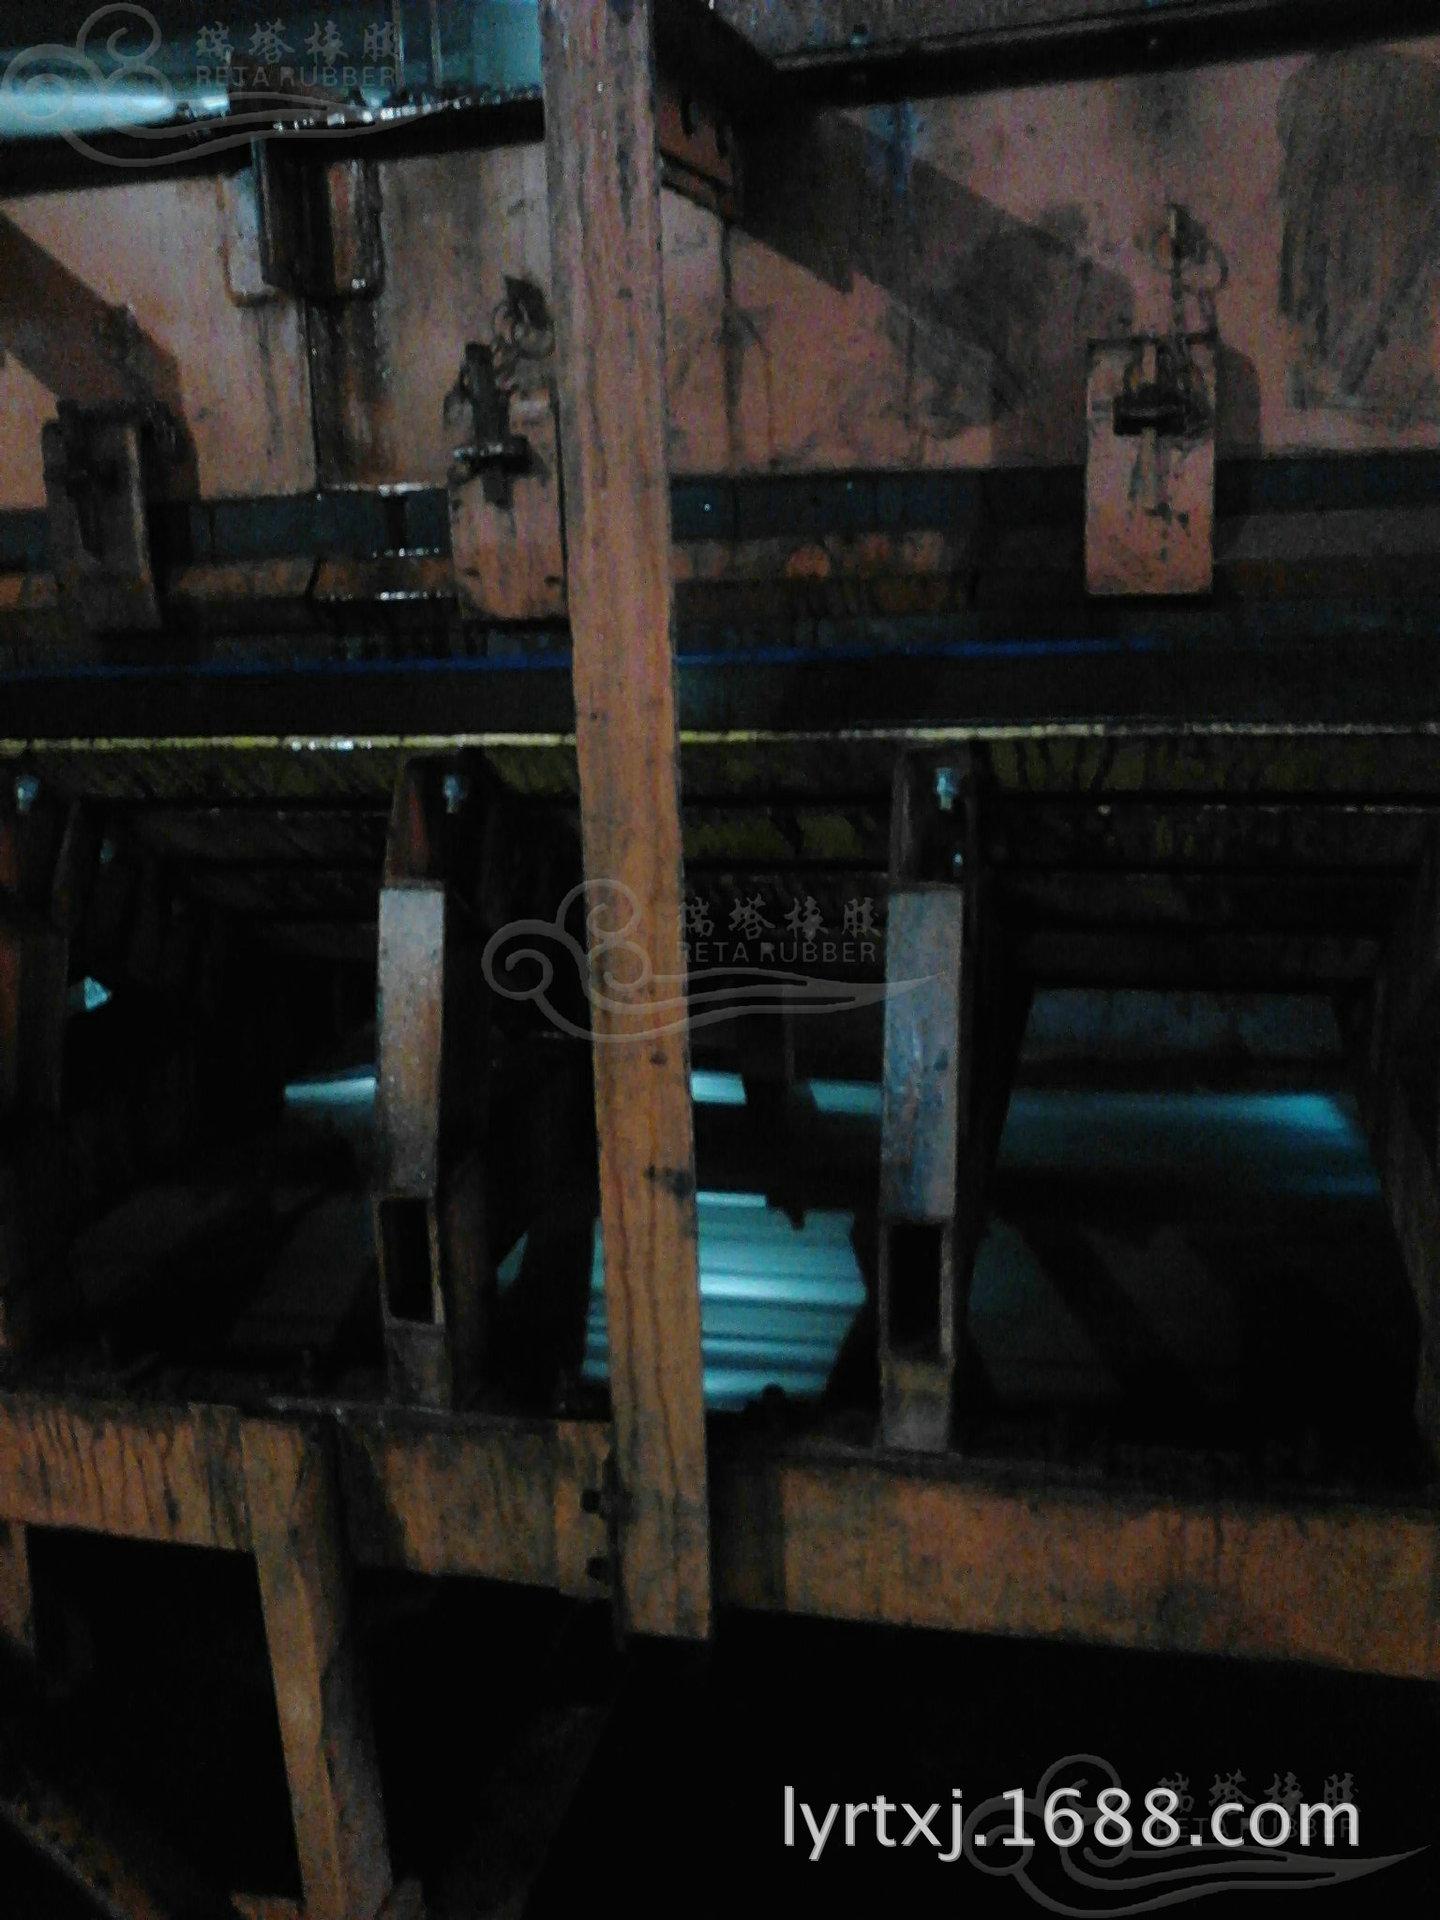 优质大唐电厂缓冲床配套缓冲条   缓冲床专用缓冲条 阻燃缓冲条示例图11